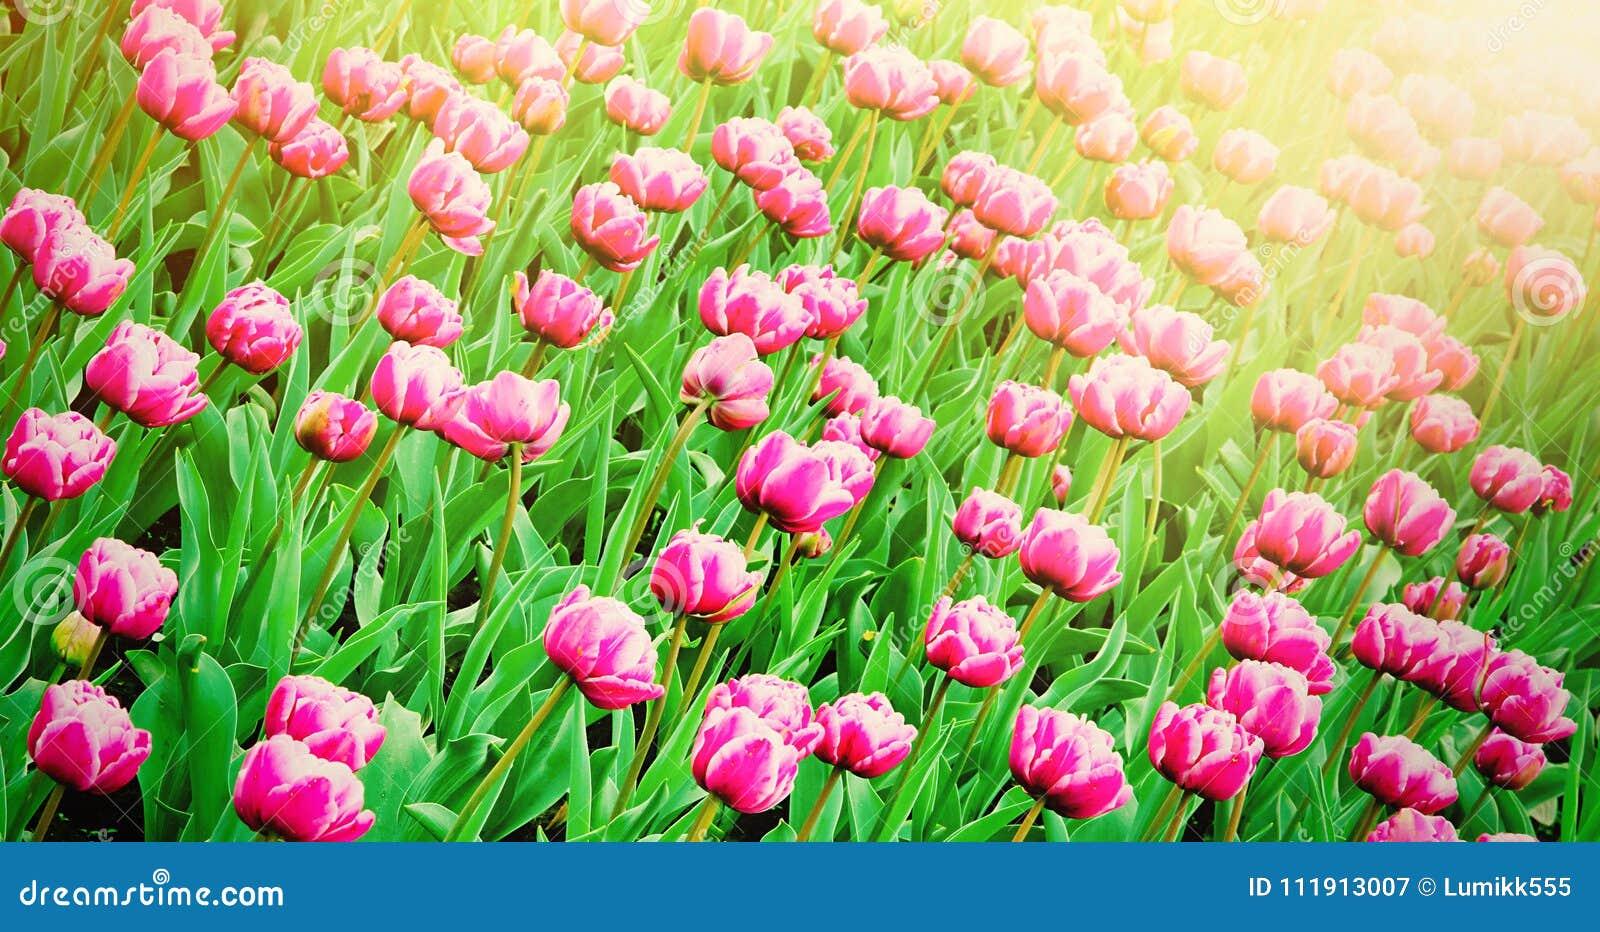 Carta Da Parati Fiori Rosa : Carta da parati della natura della primavera dei fiori rosa dei